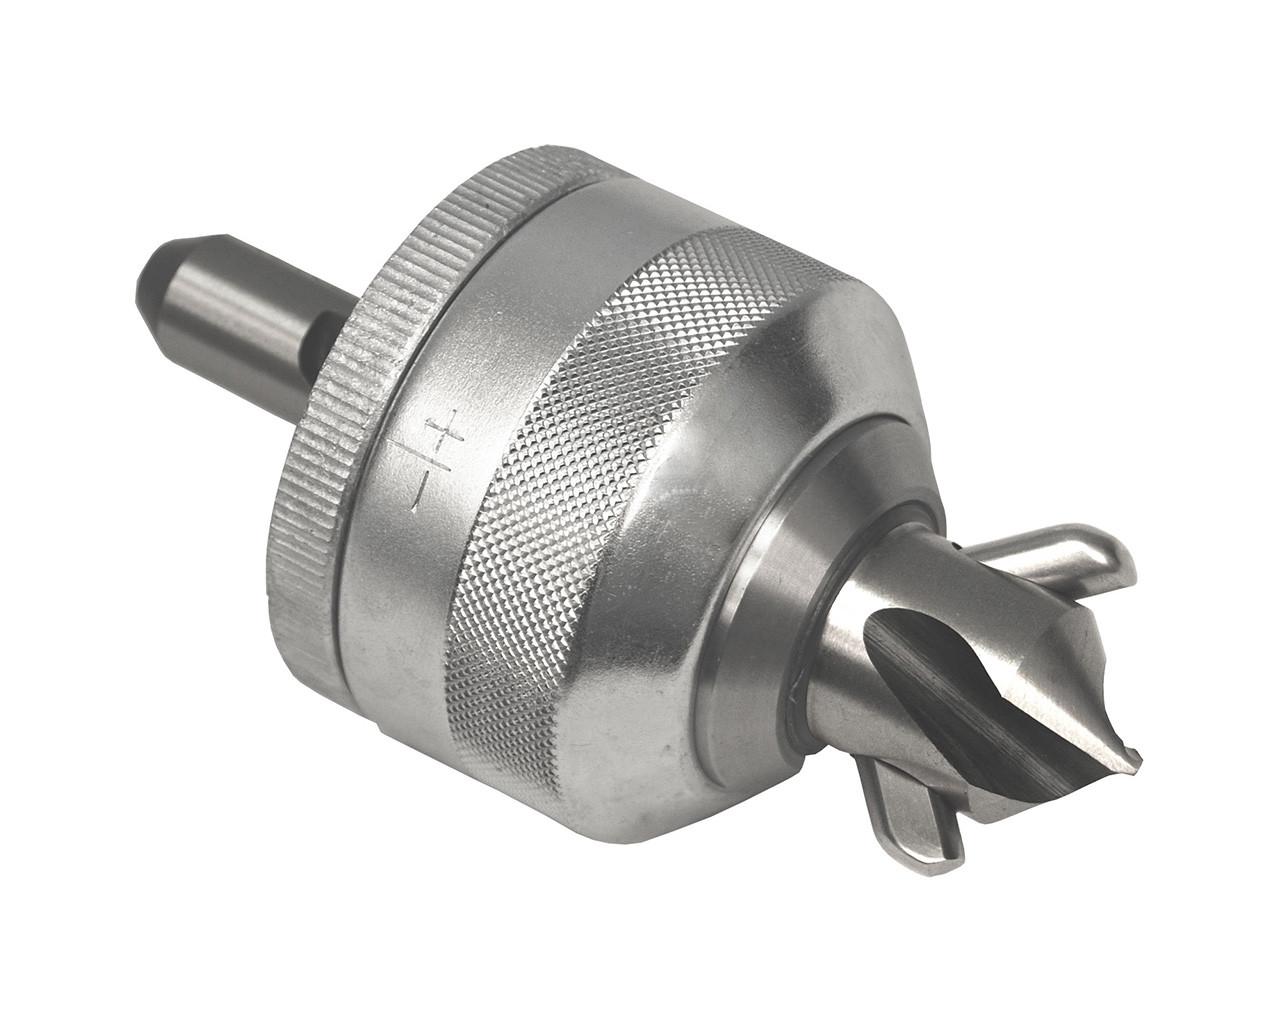 T-Drill Головка для вытяжки на медных трубах горловин диаметром 18 мм (3/4'')